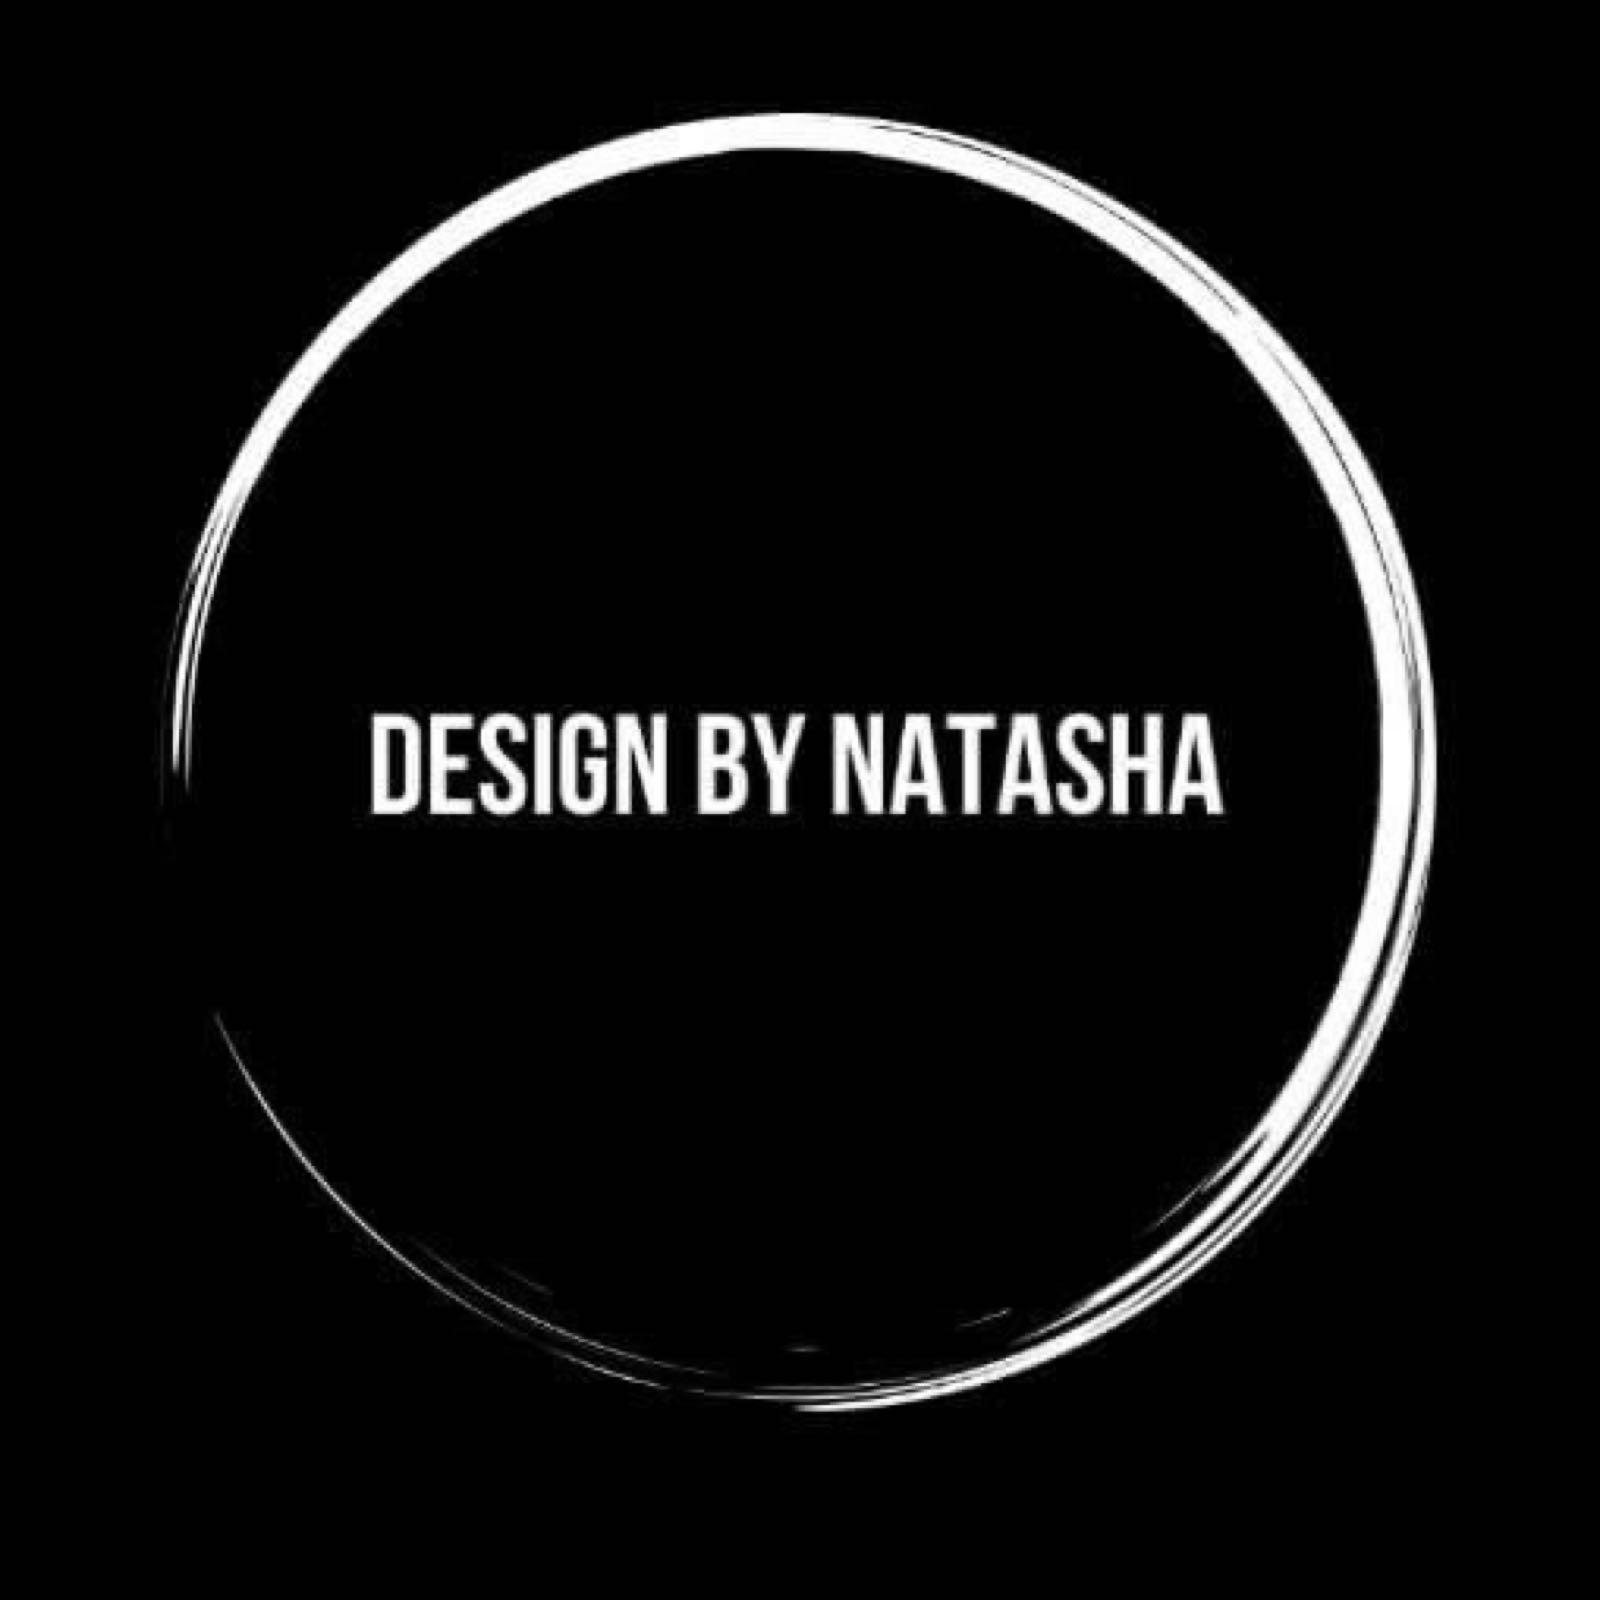 Designs by Natasha